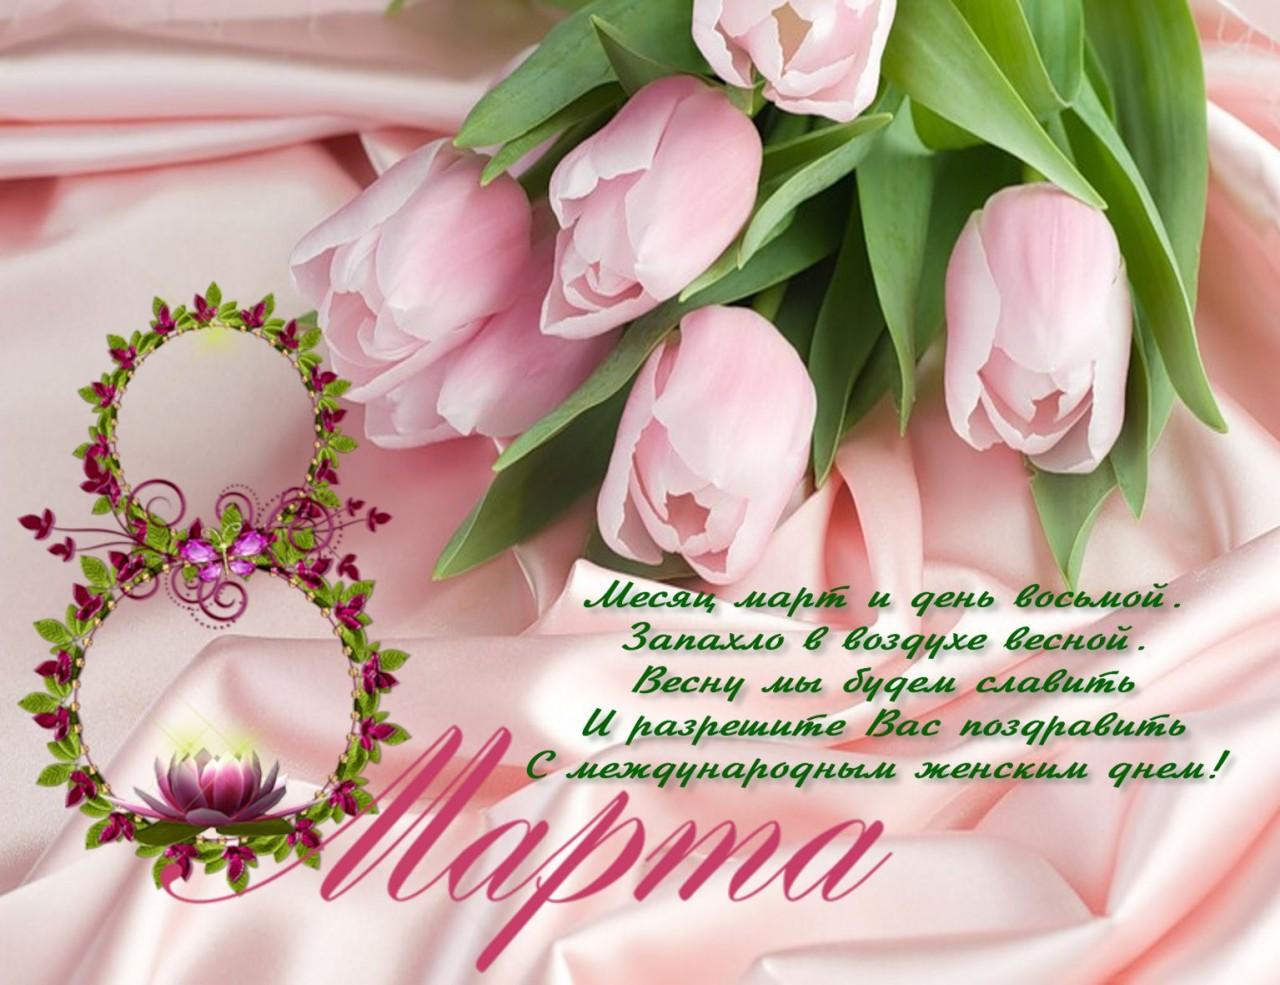 Антикварных открытках, с 8 марта цветы картинки